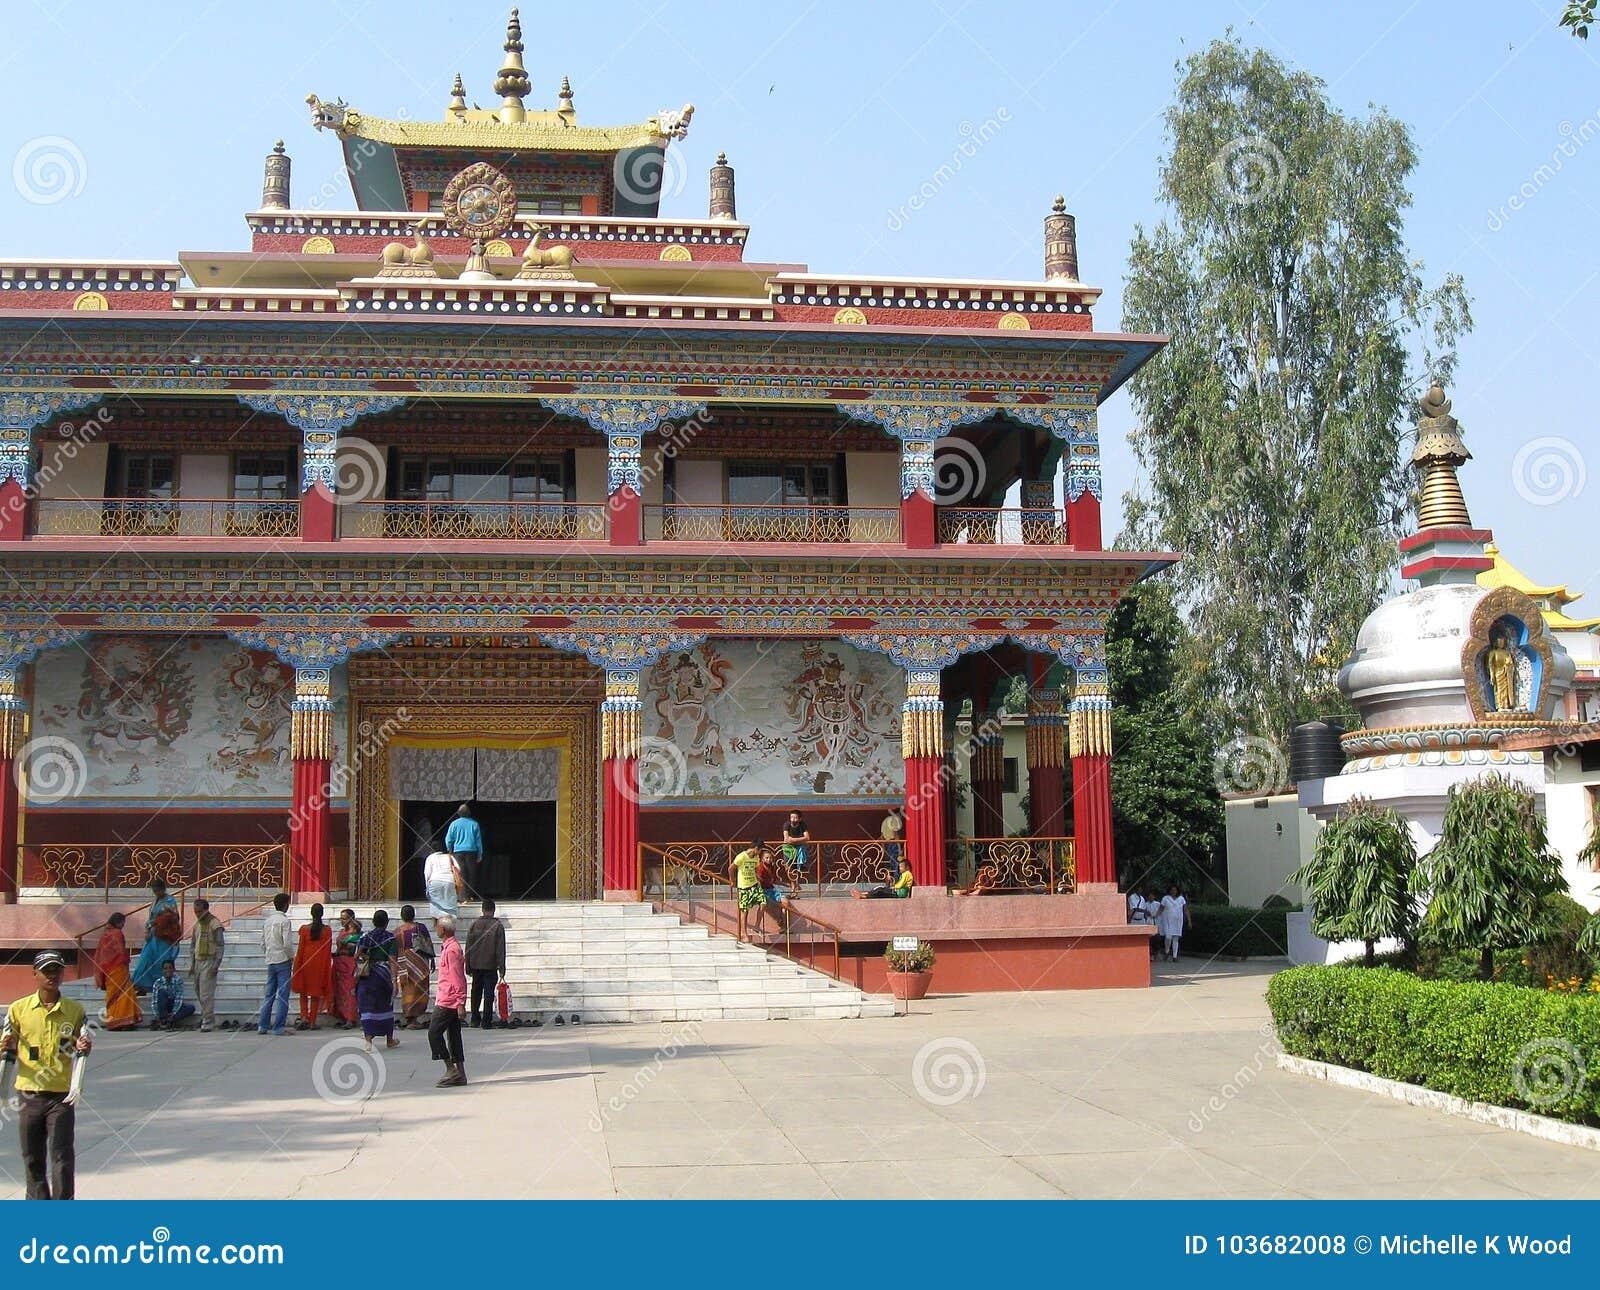 Visitors at Karma Tharjay Chokhorling Tibetan Monastery Bodh Gaya India